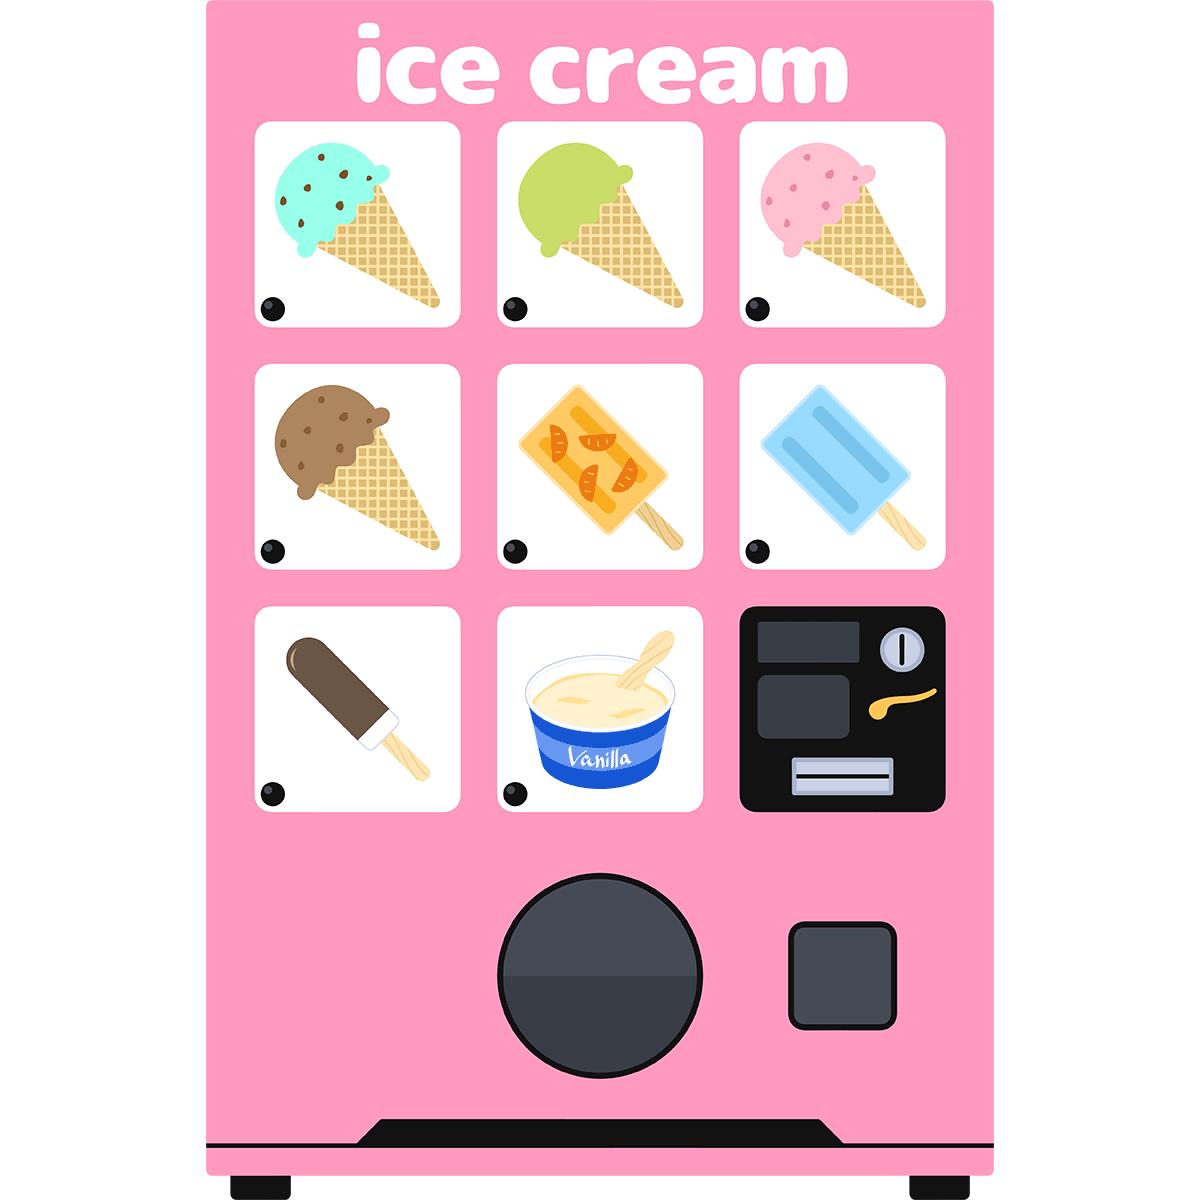 アイスの自動販売機の無料イラスト